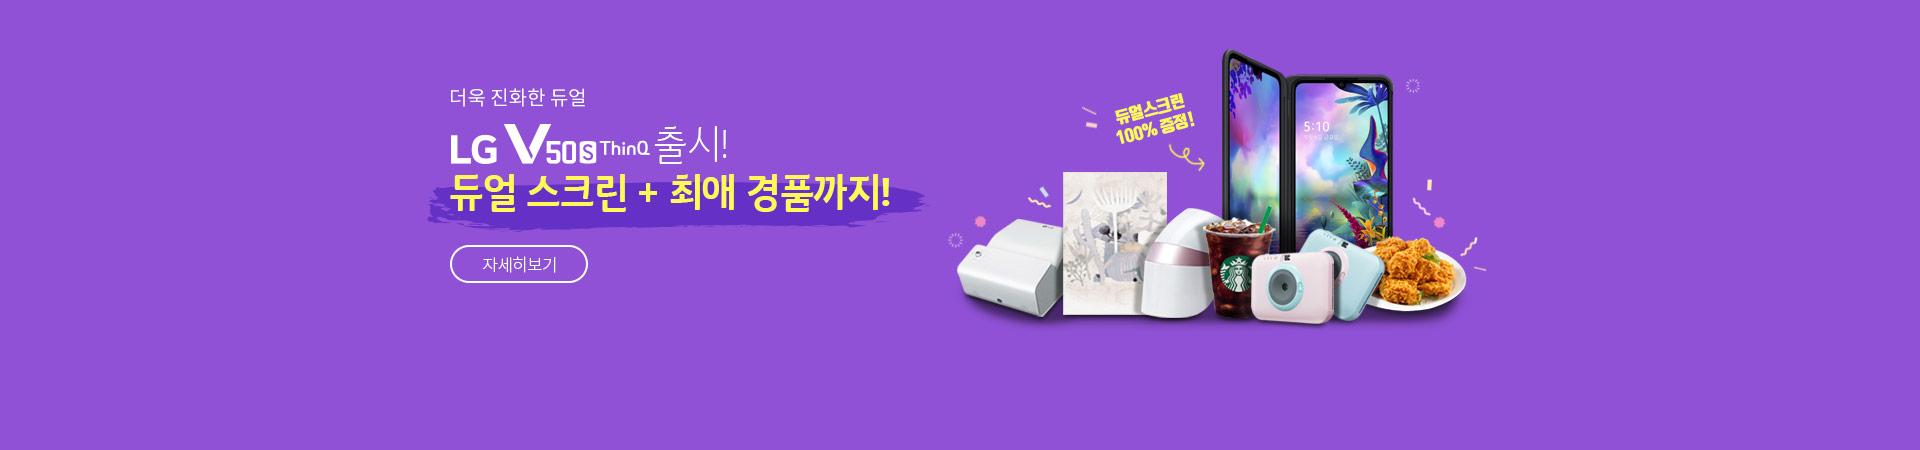 더욱 진화한 듀얼 LG V50s ThinQ 출시! 듀얼 스크린+최애 경품까지! 자세히보기